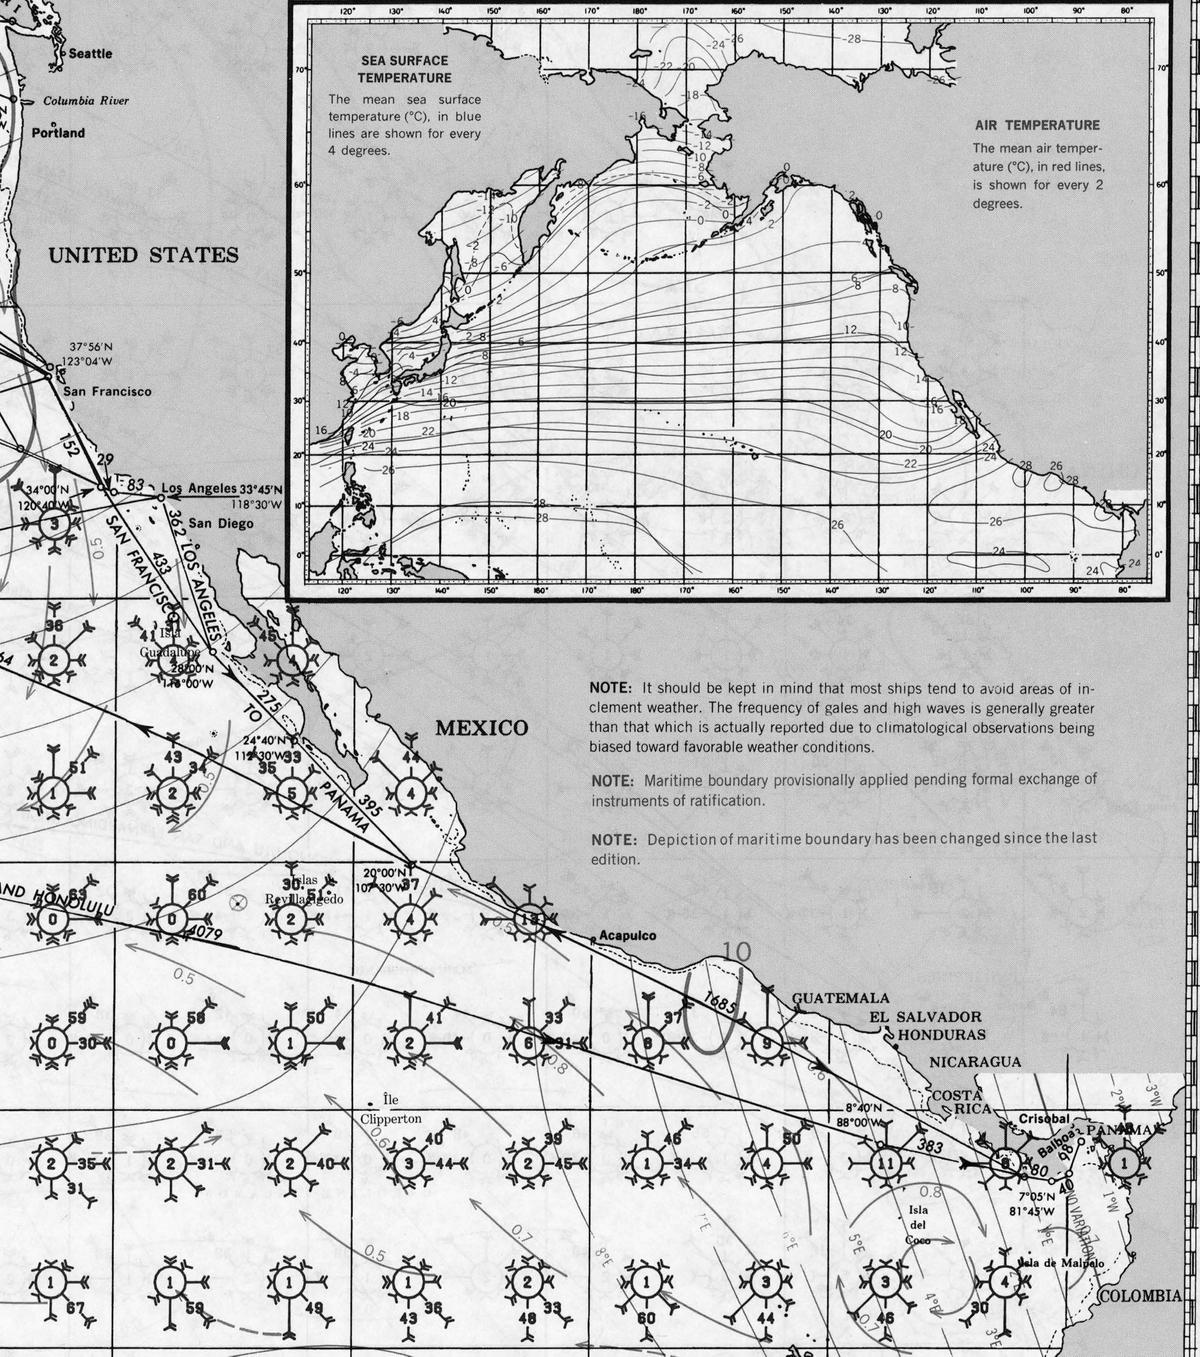 Pacific Coast Central America Pilot Charts